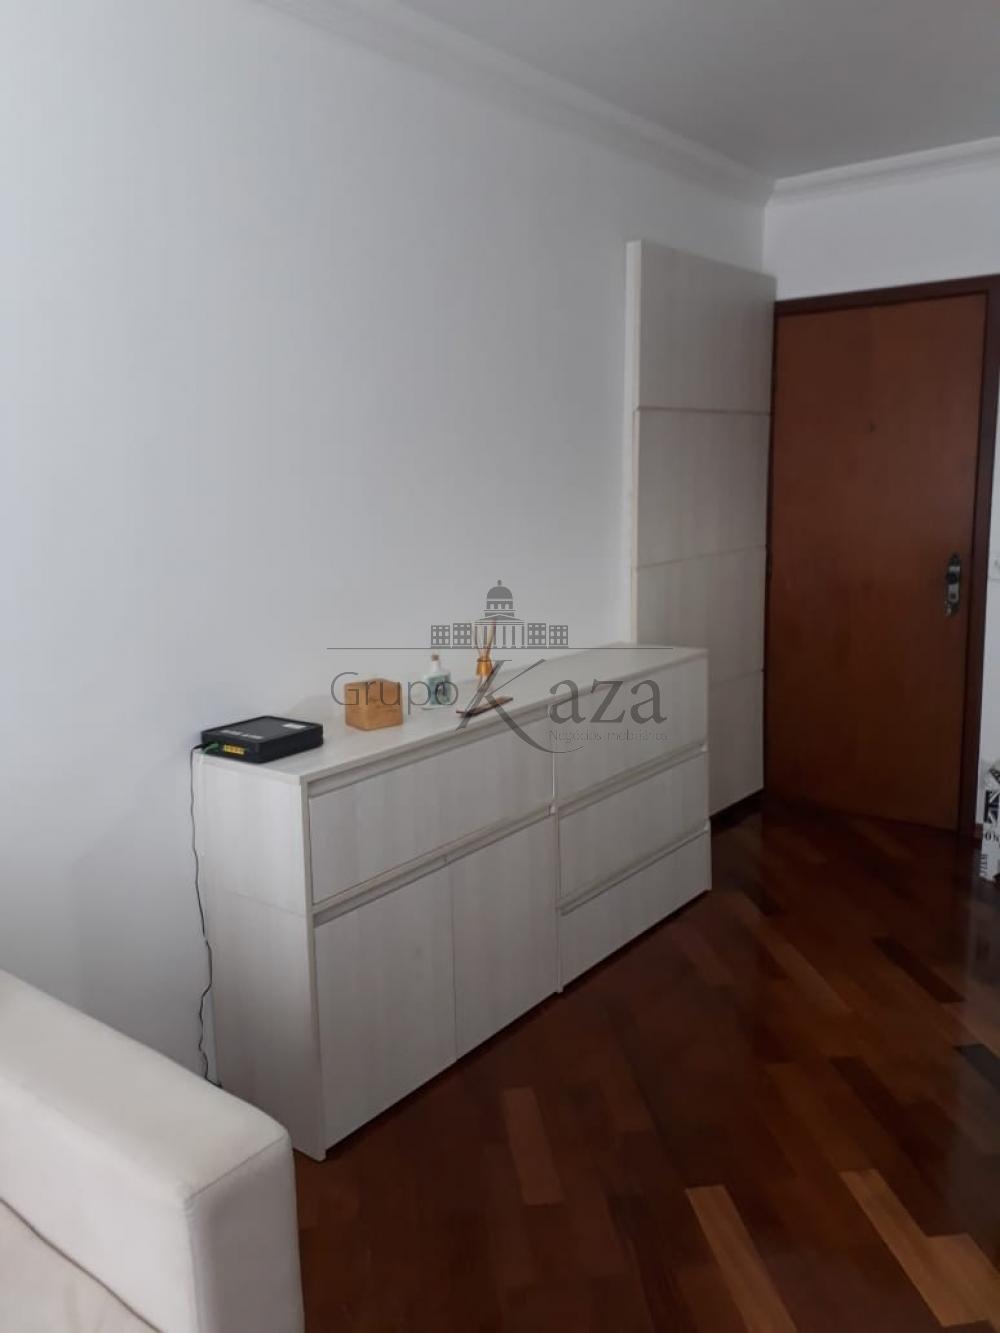 alt='Comprar Apartamento / Padrão em São José dos Campos R$ 415.000,00 - Foto 1' title='Comprar Apartamento / Padrão em São José dos Campos R$ 415.000,00 - Foto 1'